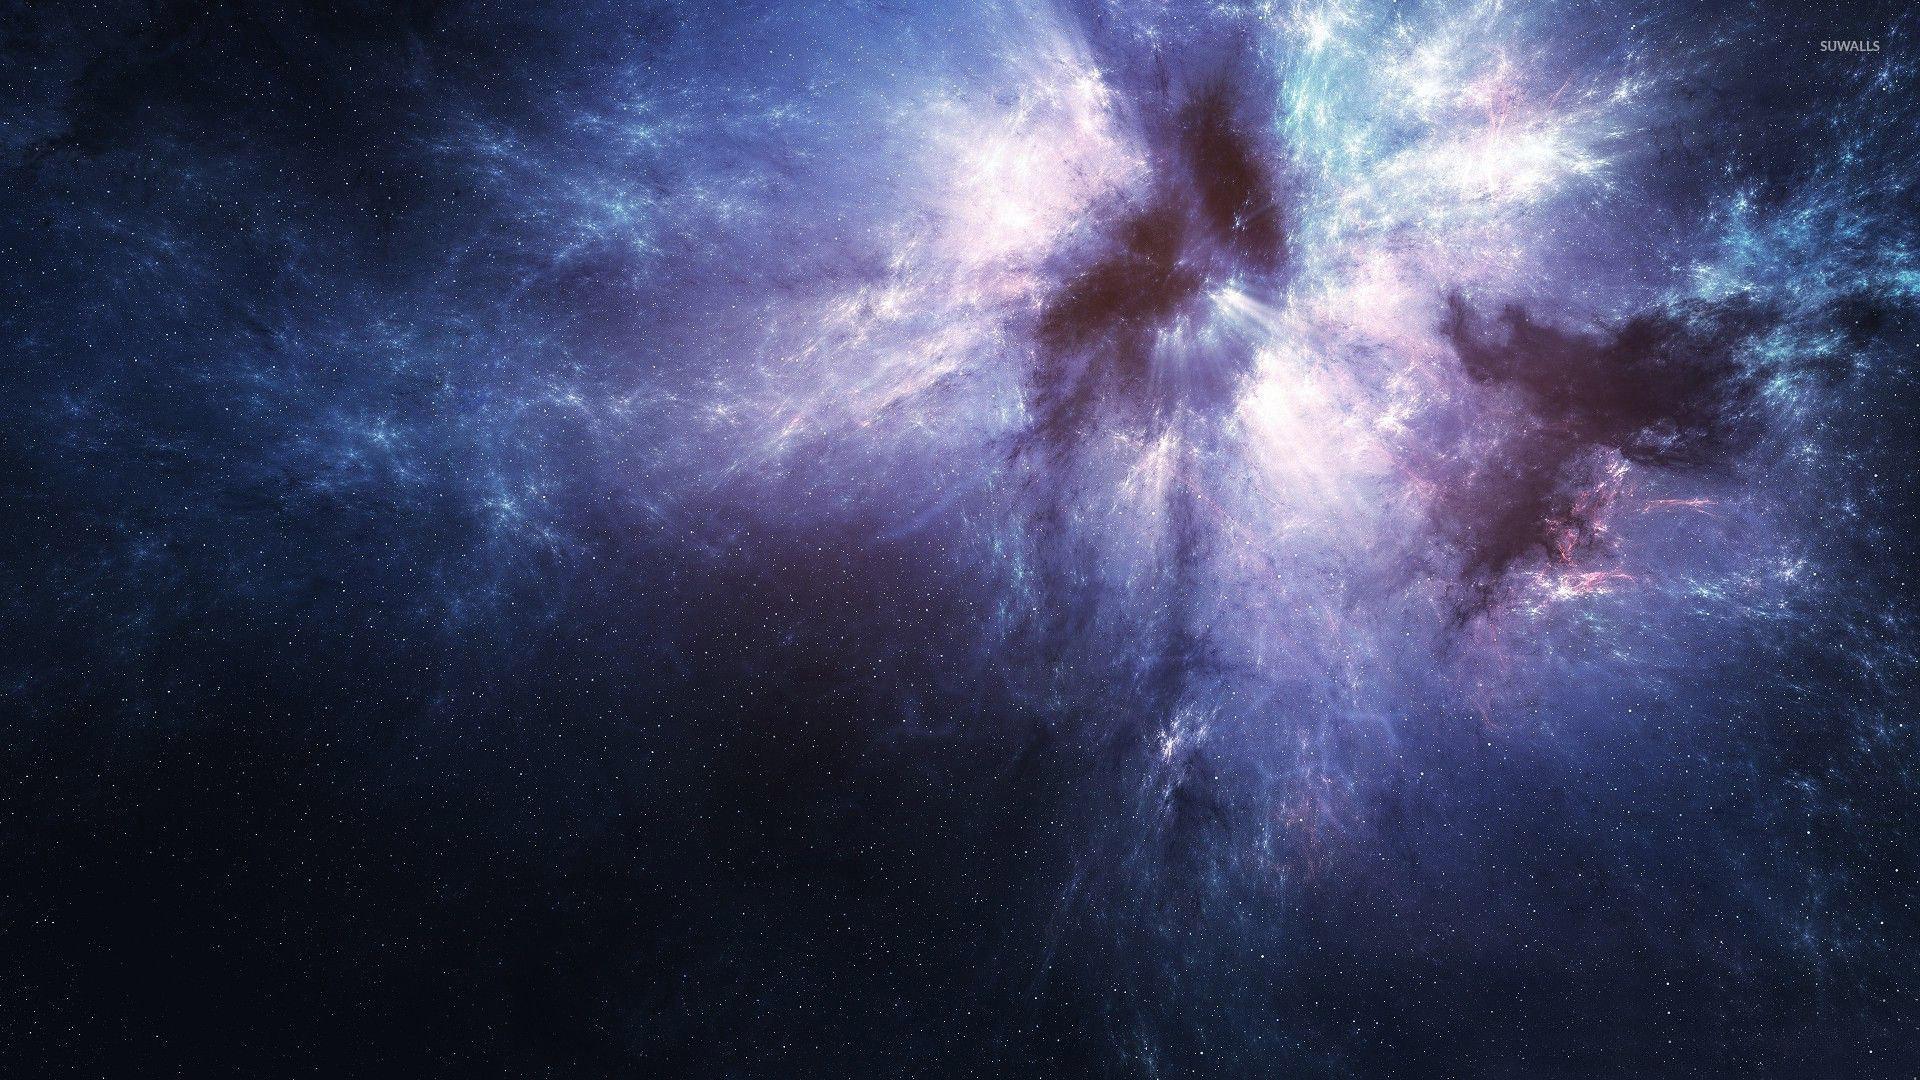 Exploding Star Wallpaper